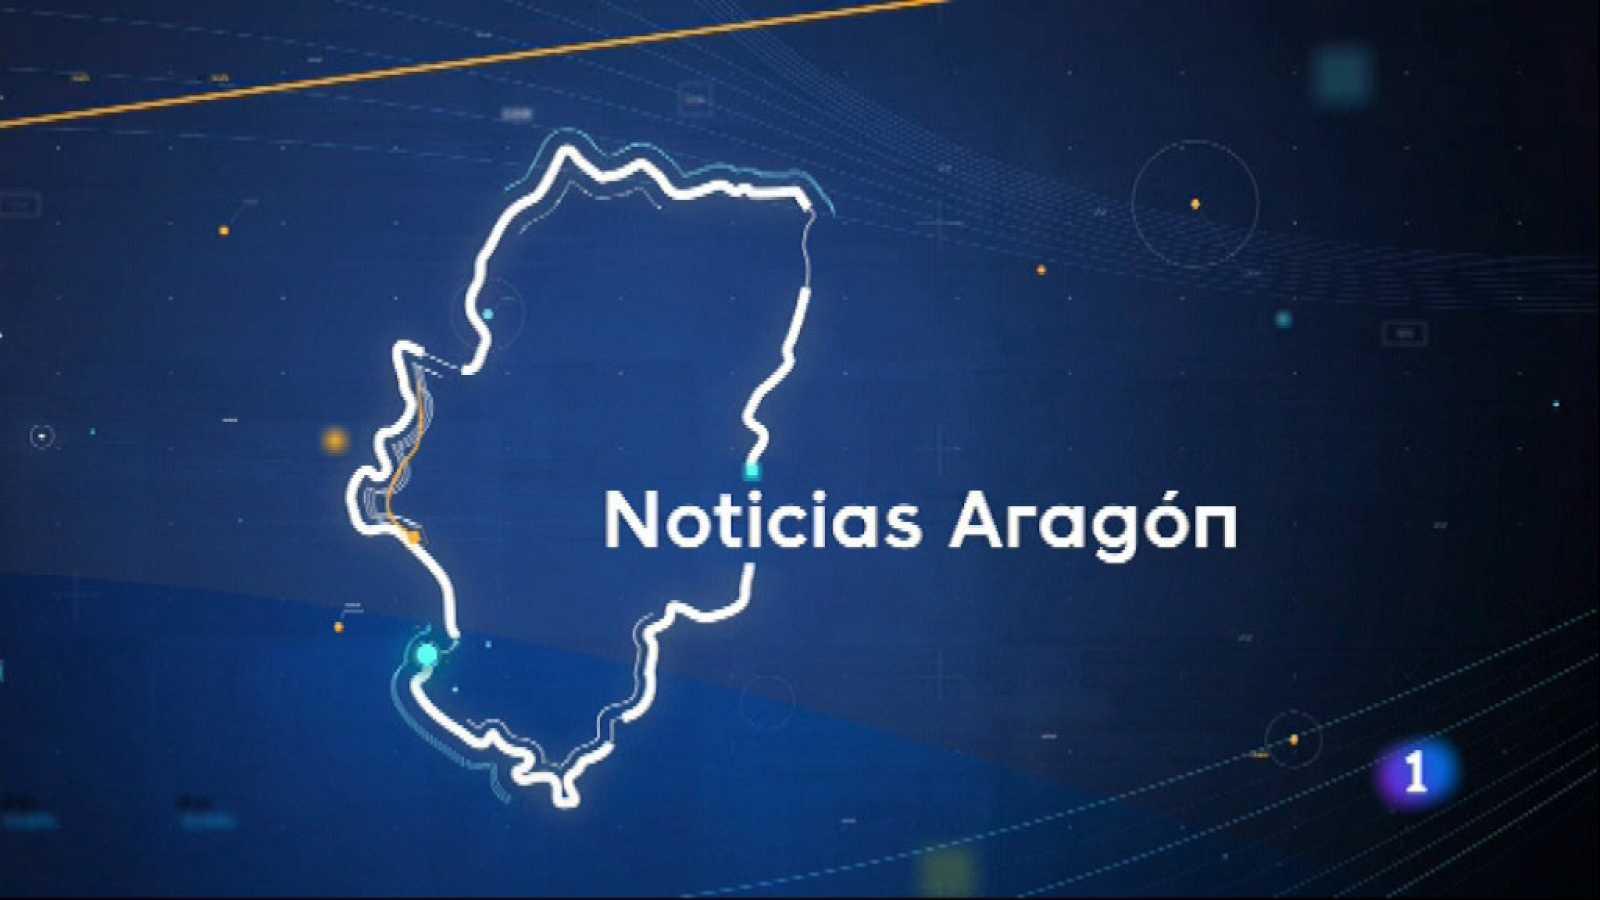 Aragón en 2 - 28/04/21 - Ver ahora